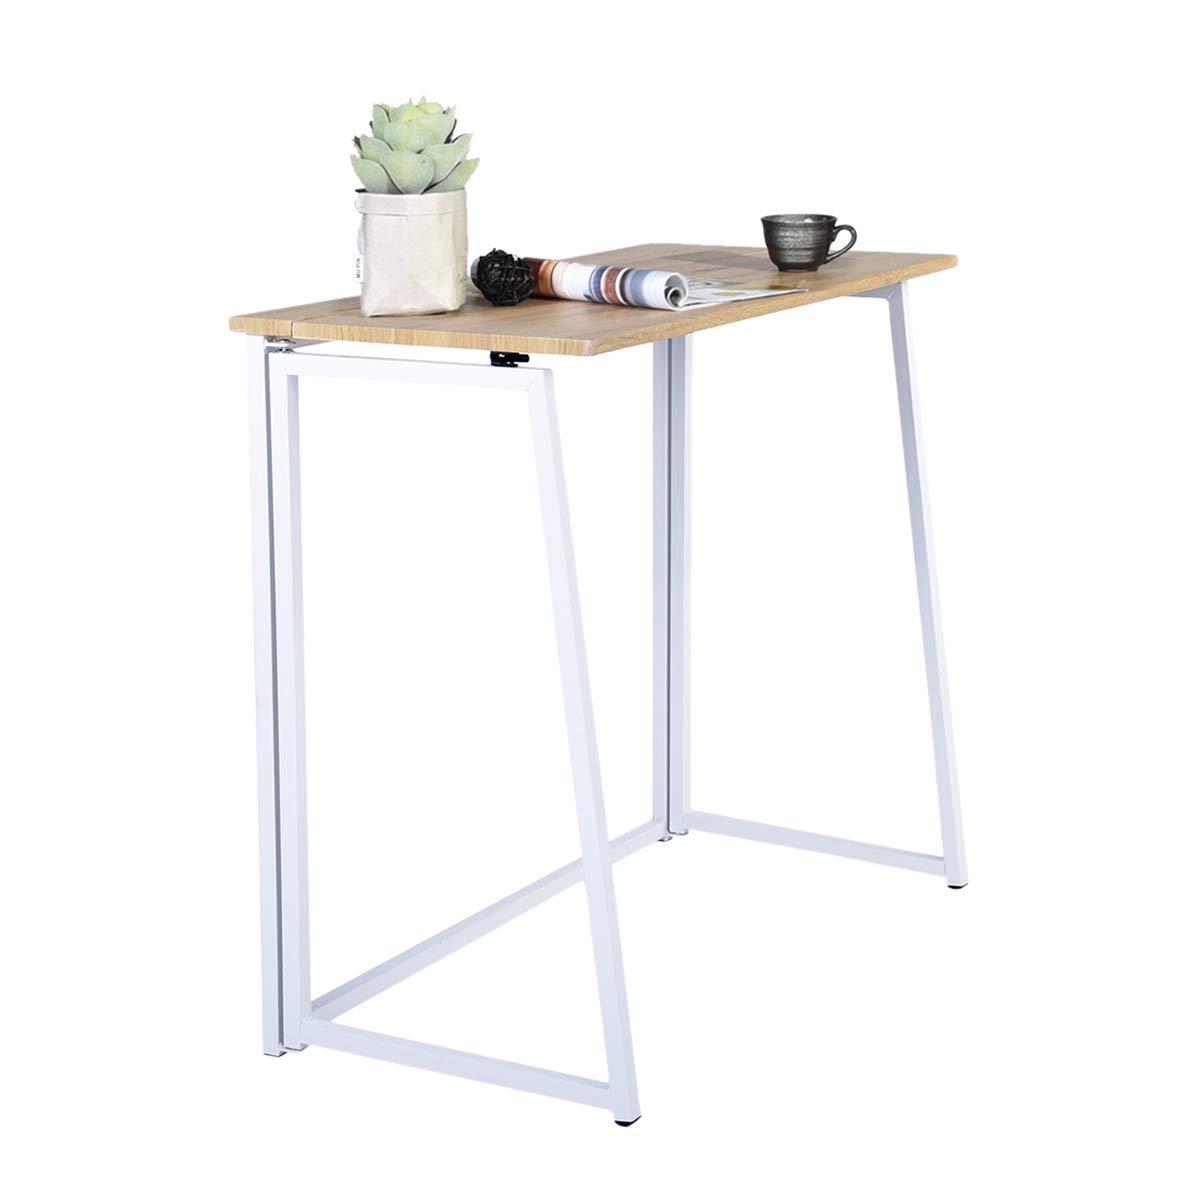 FURNITURE-R France Folding Computer Desk Laptop Desktop Table Compact Size  50 * 50 * 50cm White